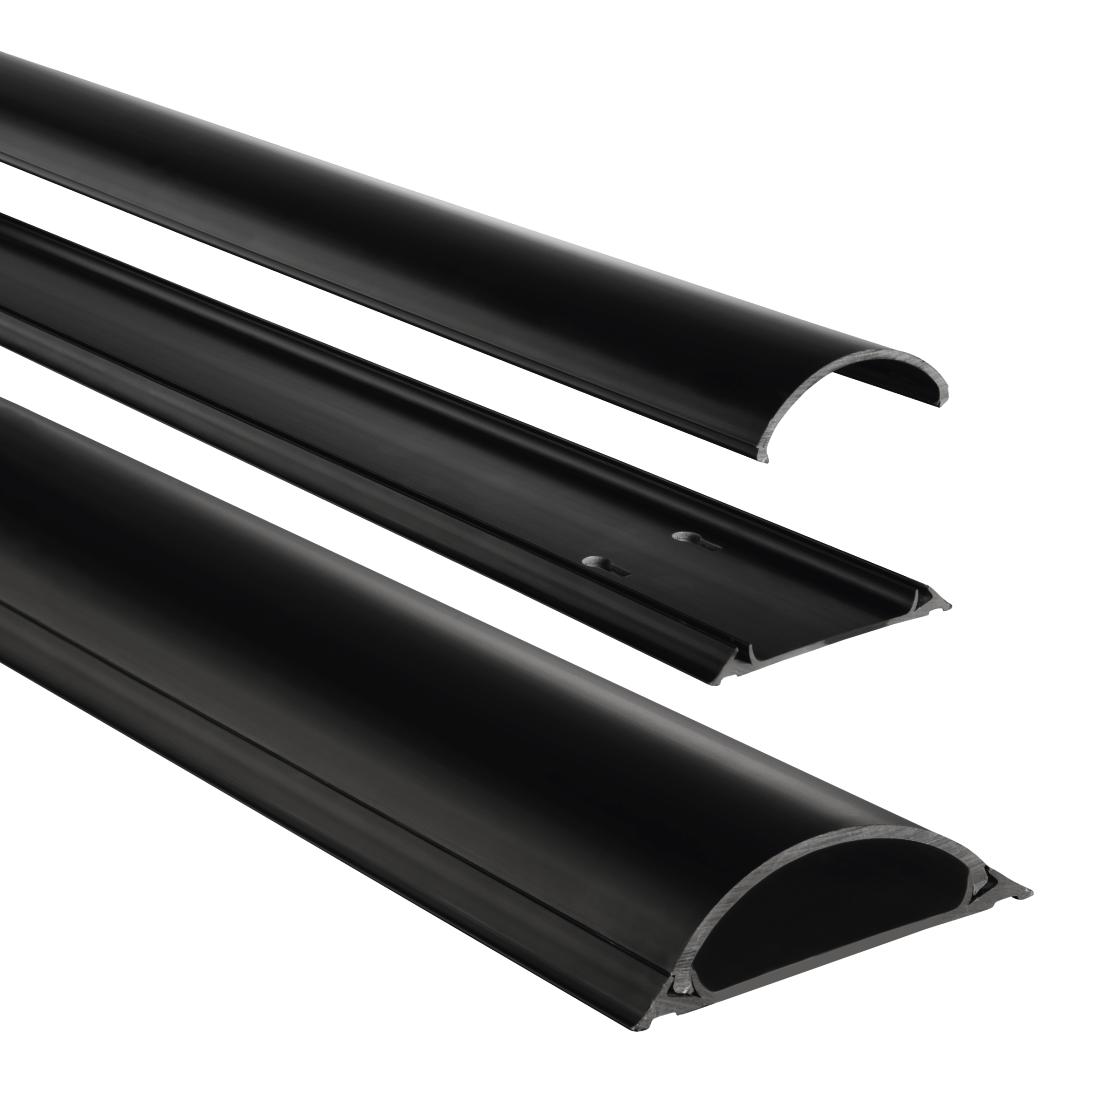 00083159 hama pvc-kabelkanal, halbrund, 100/7/2,1 cm, schwarz | hama